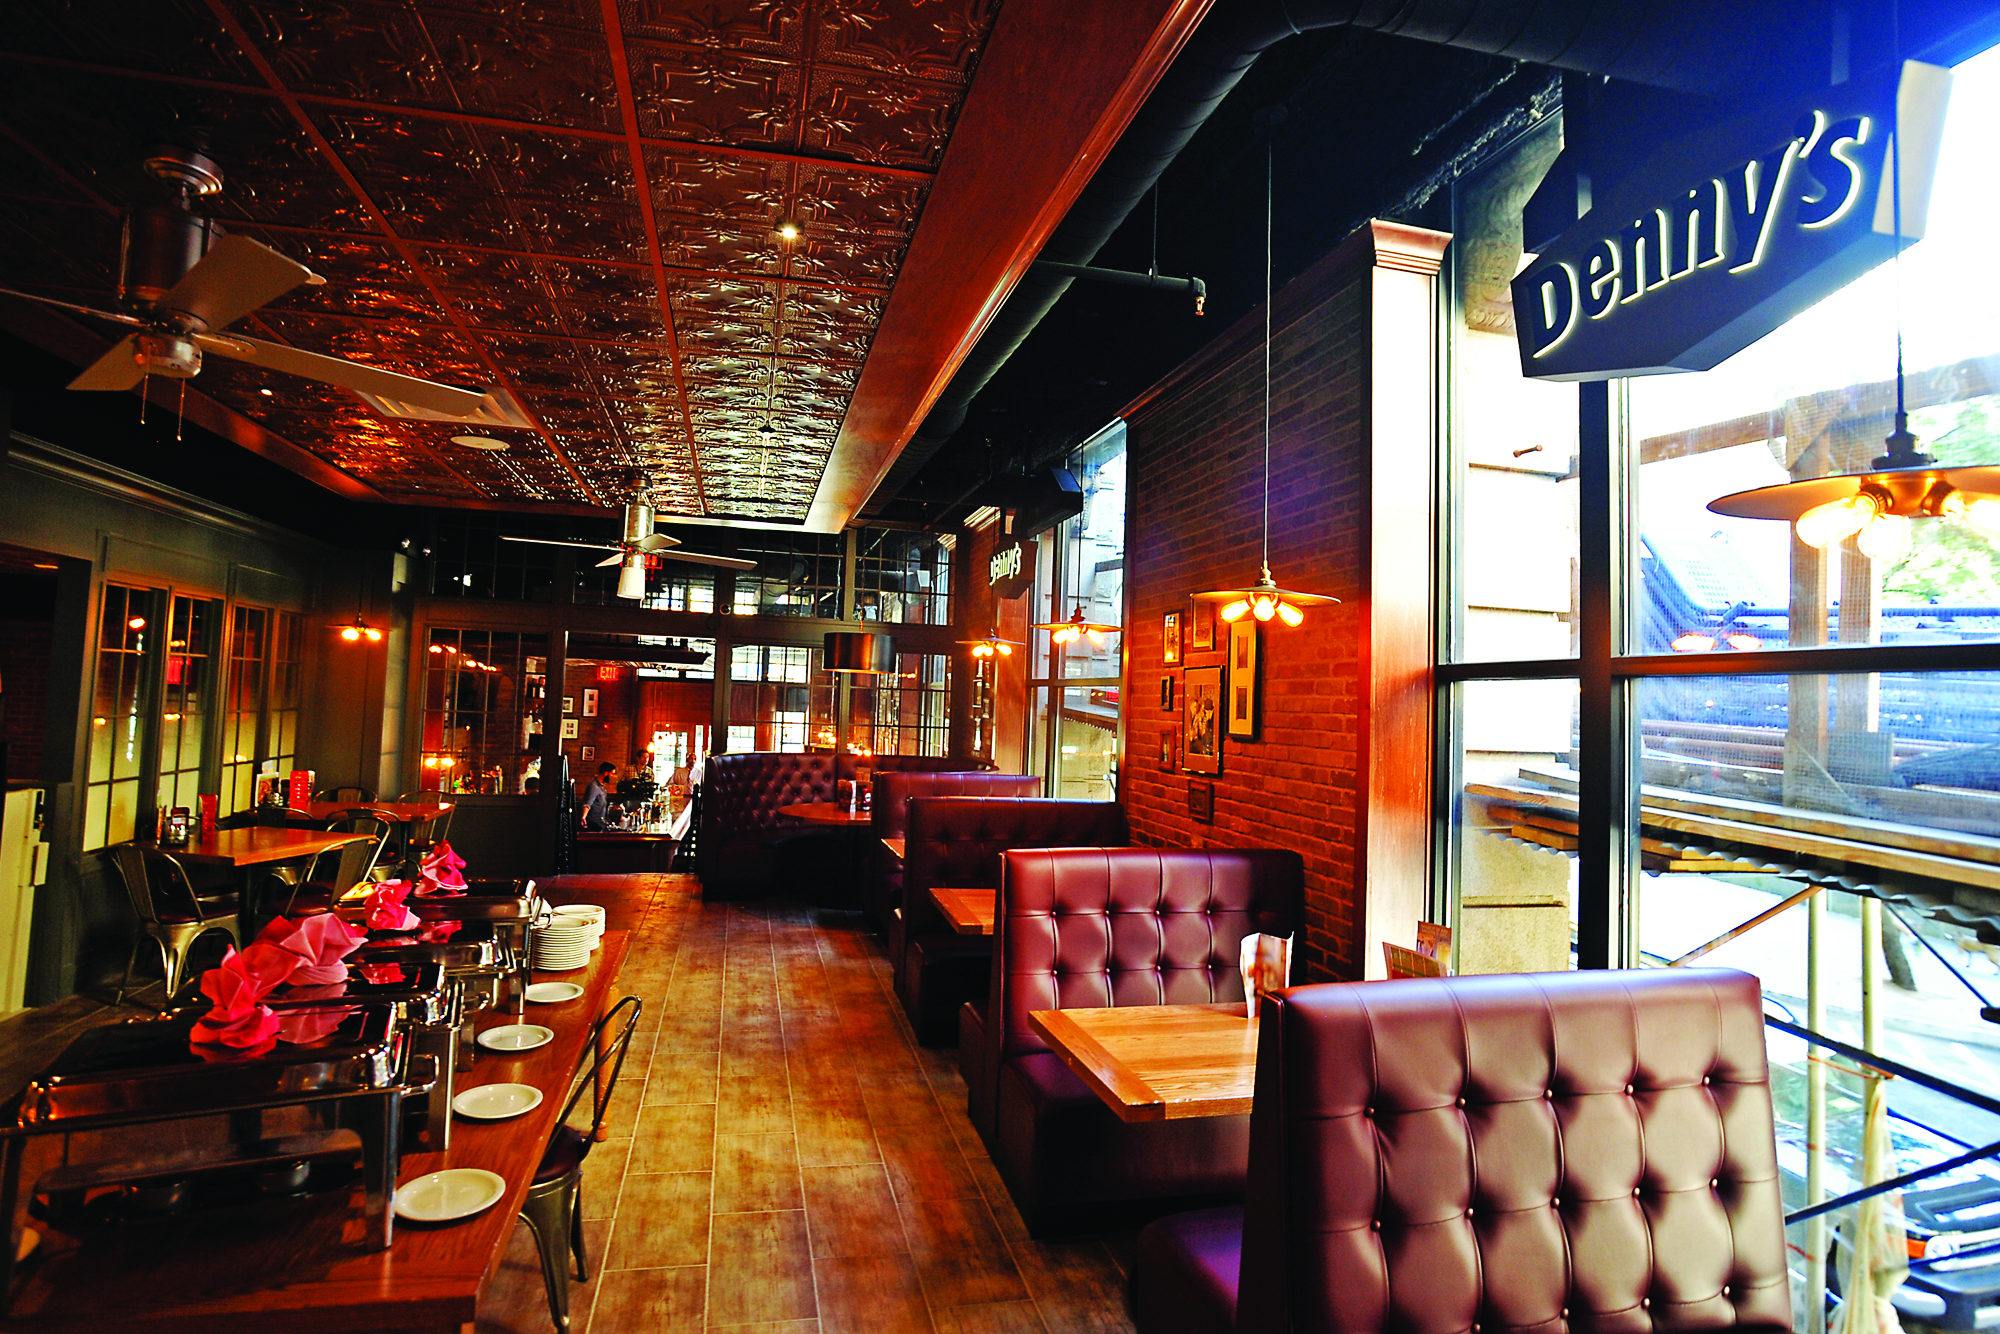 082814 The Denny's restaurant chain comes to Manhattan, 150 Nassau St., NYC. news MATT